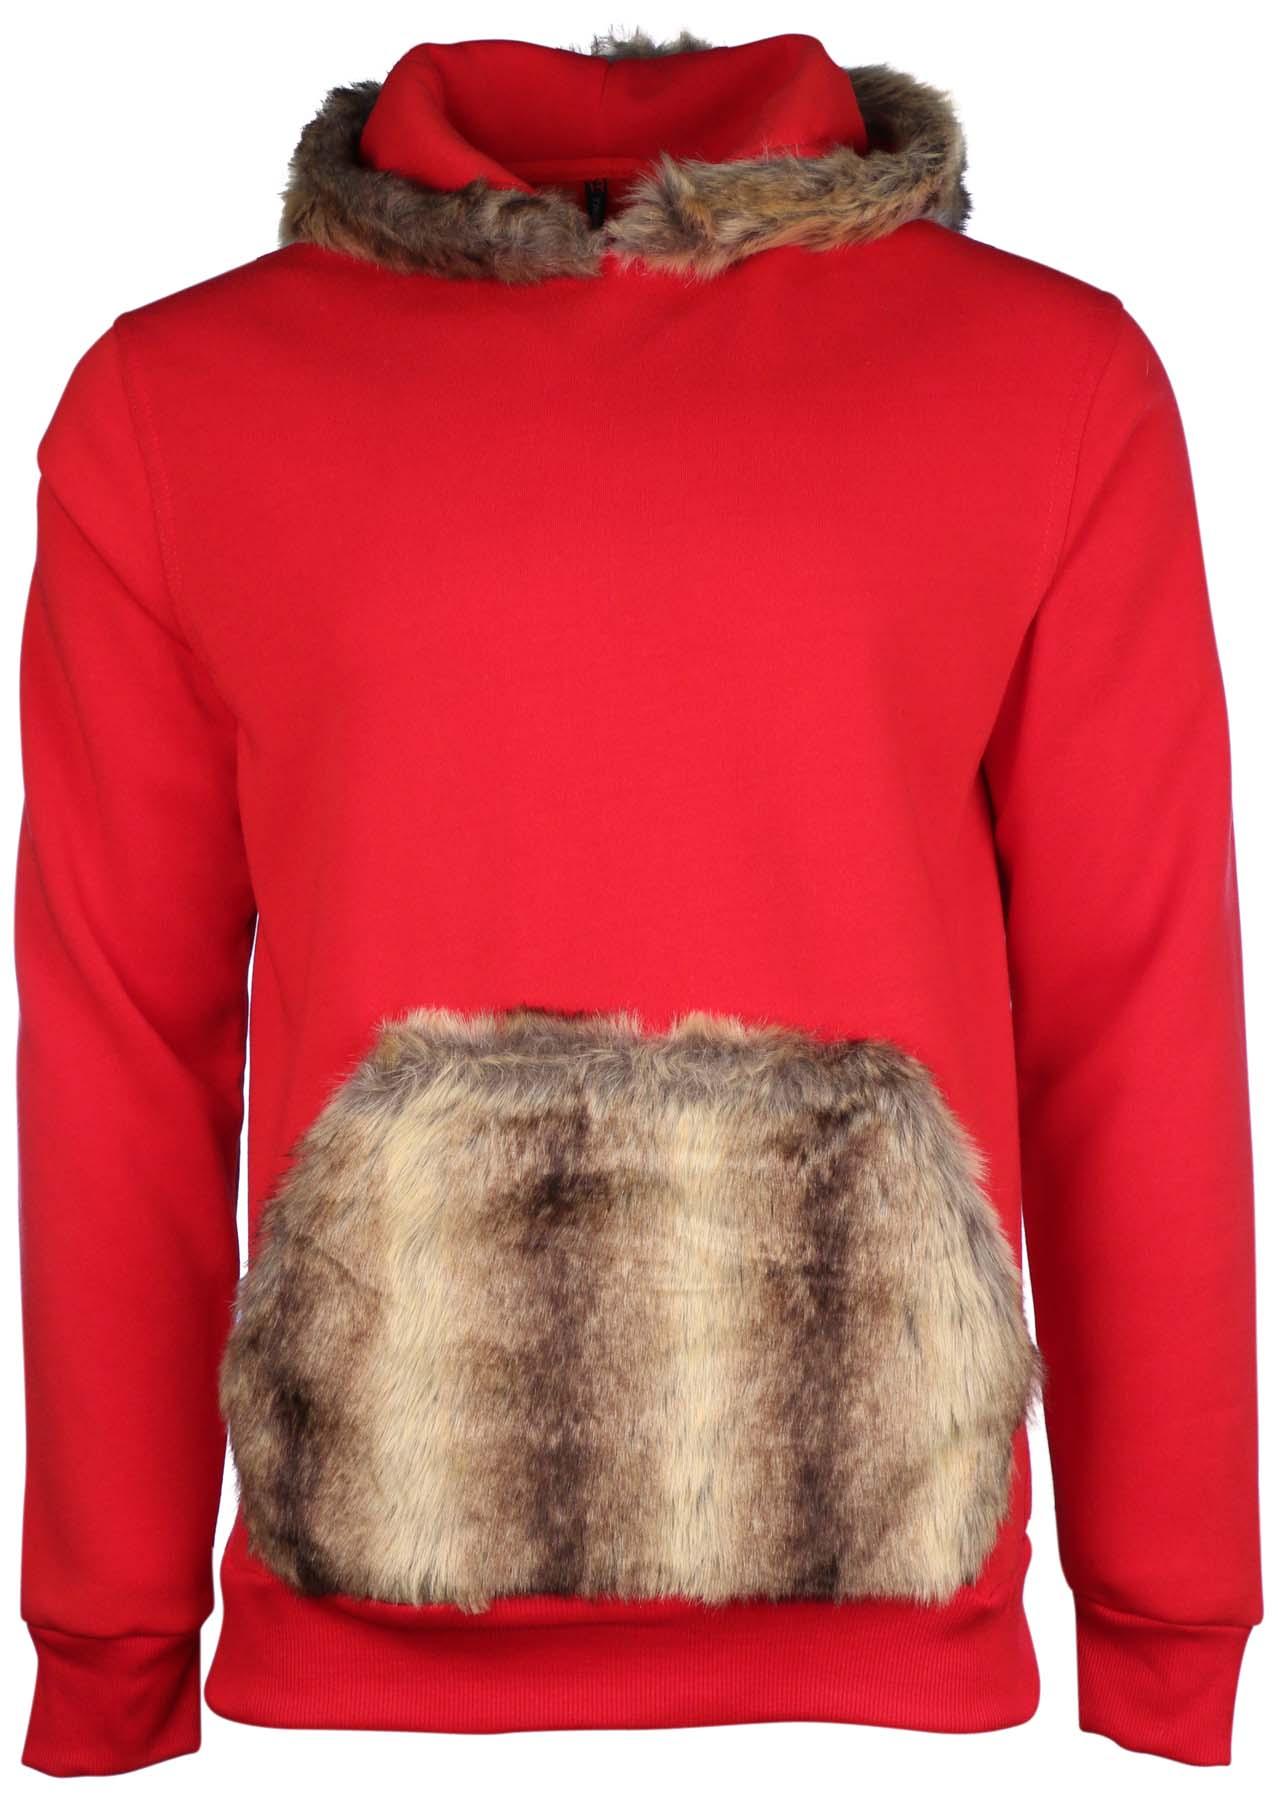 Furry hoodie